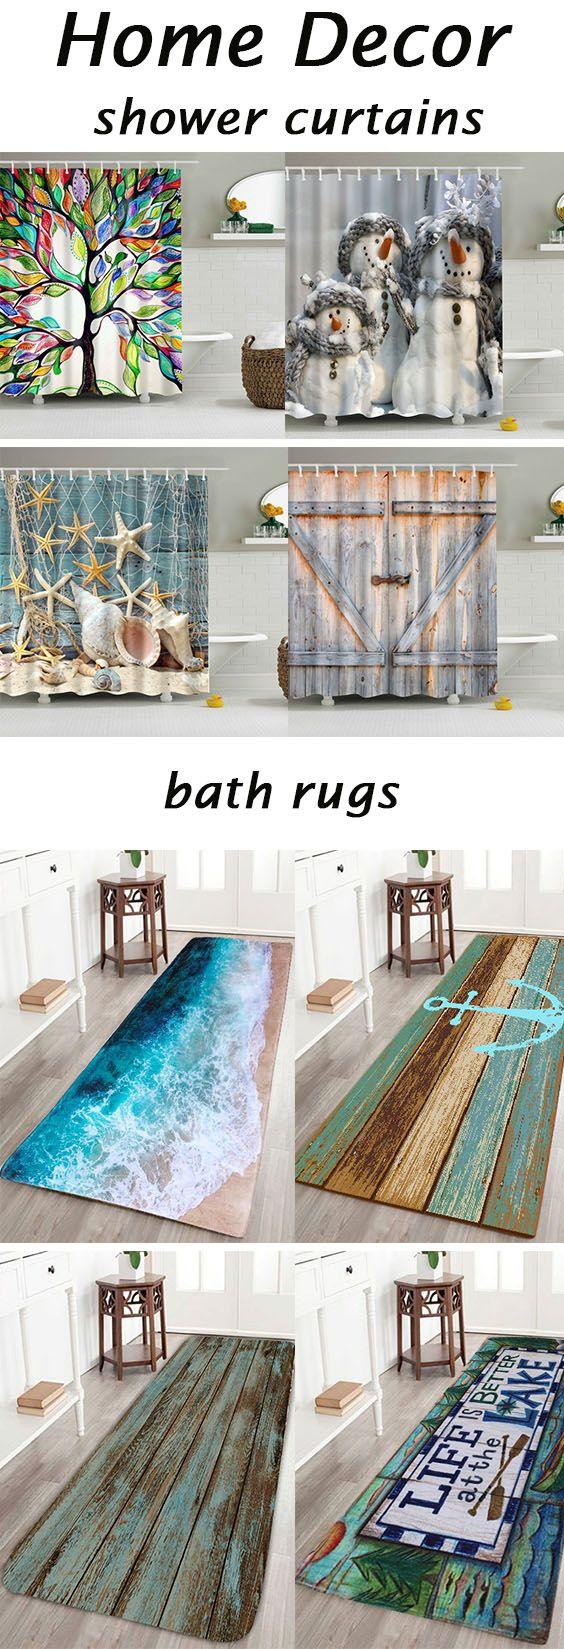 home decor ideas: Bathroom Products